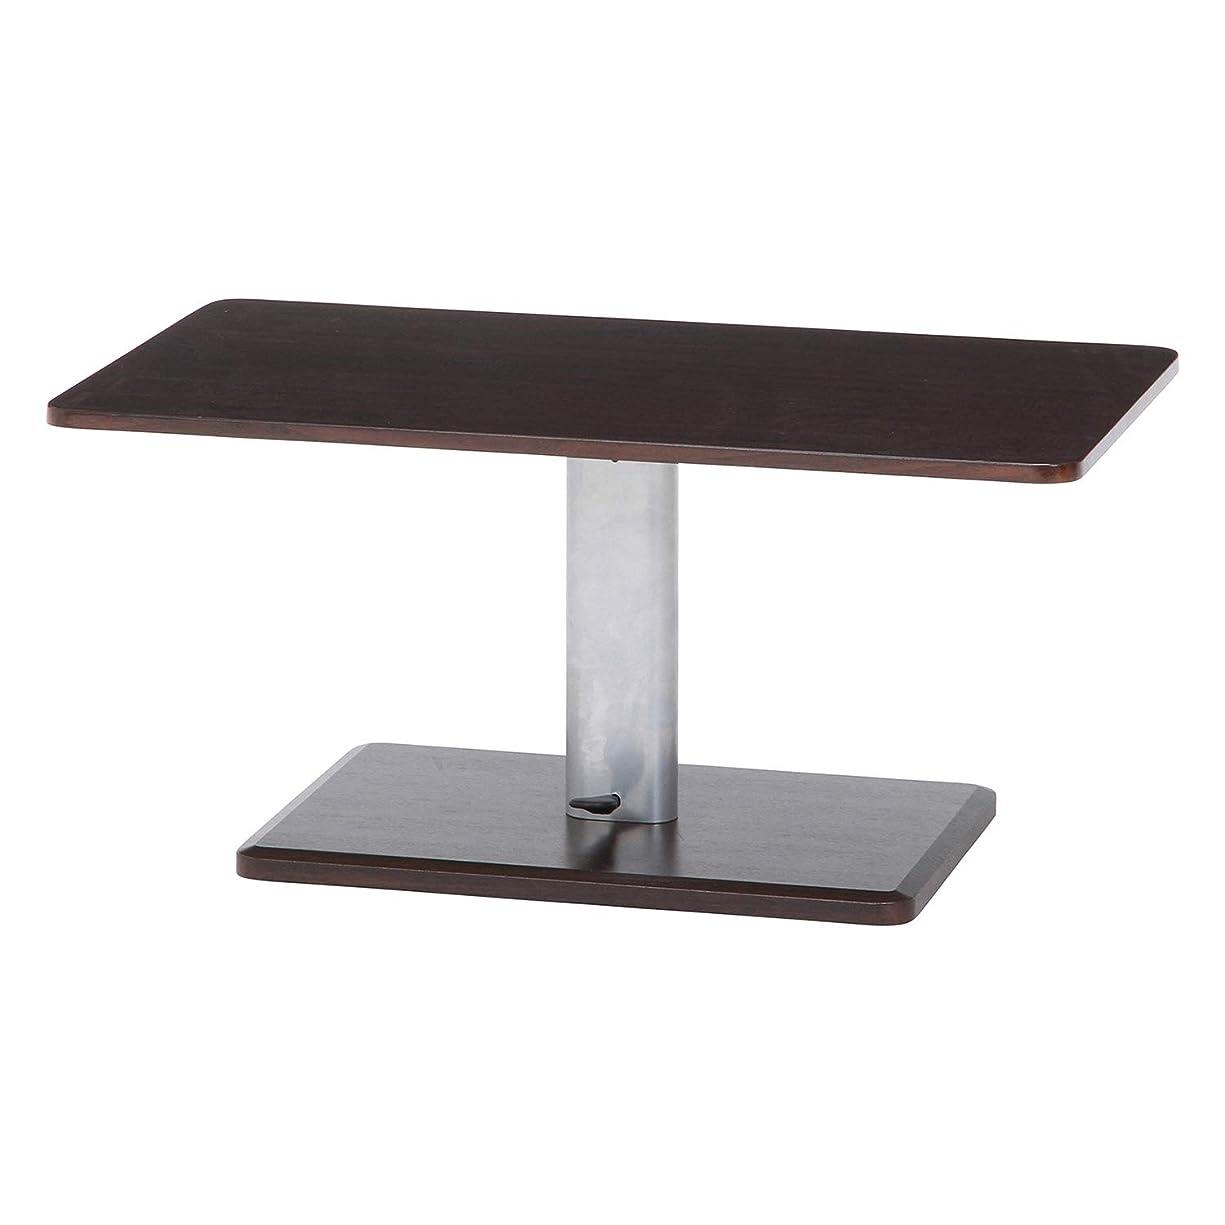 アブストラクトストローク悲惨な不二貿易 昇降テーブル 幅90cm 高さ43-57cm ブラウン ガス圧 高さ調整 10497